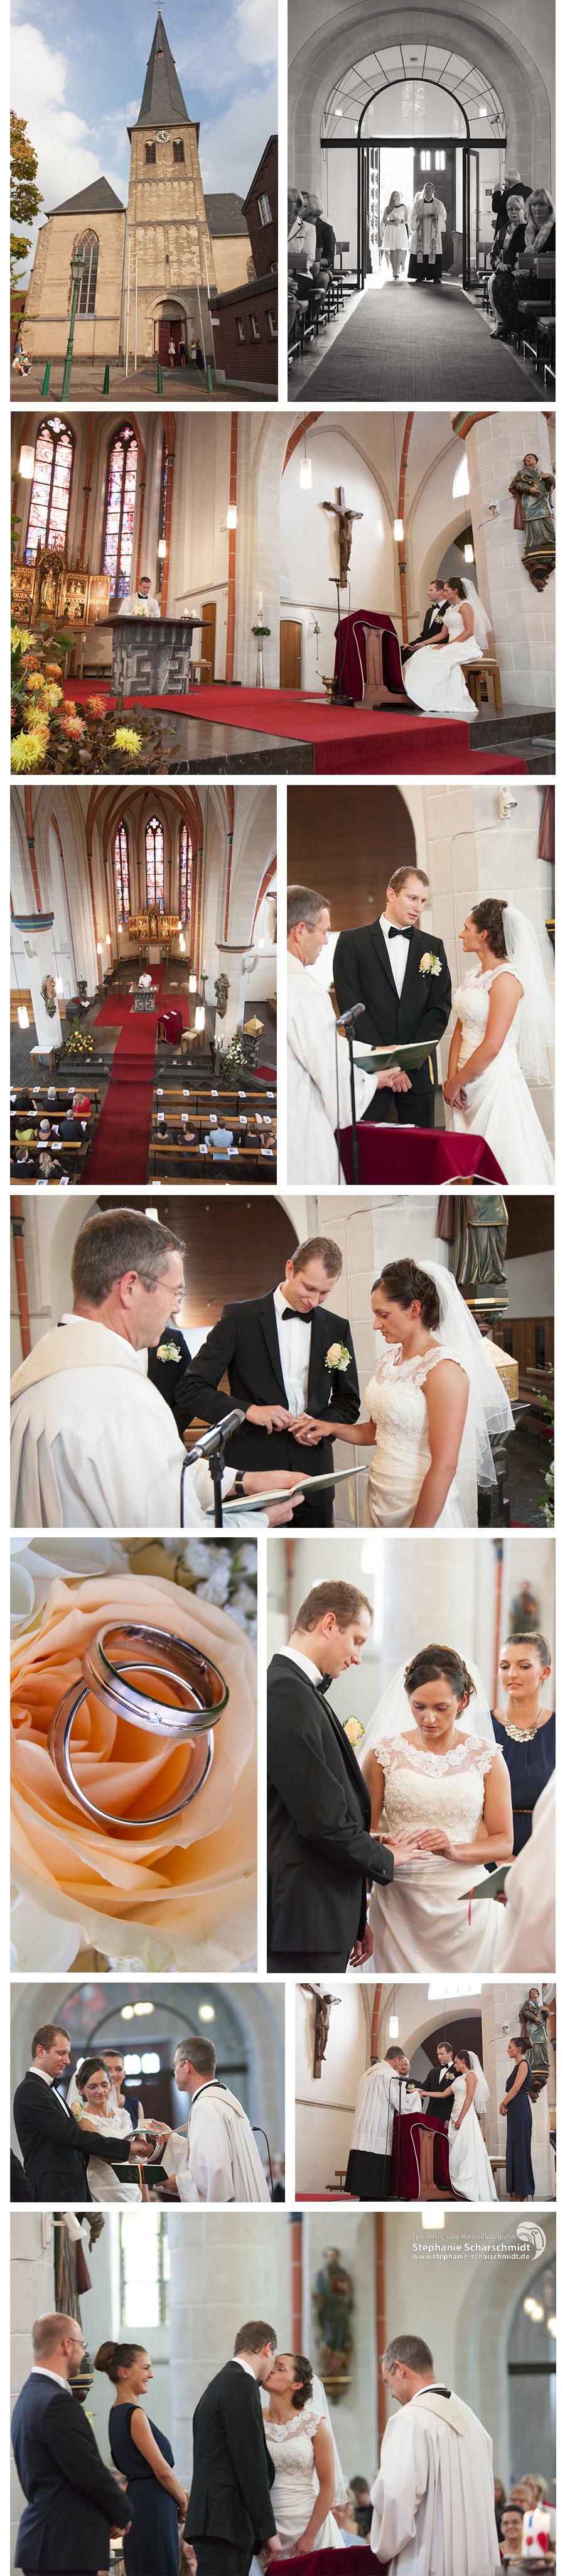 Hochzeitsfotograf Grefrath - Heiraten in der St Laurentius Kirche - Hochzeitsfotografin Stephanie Scharschmidt